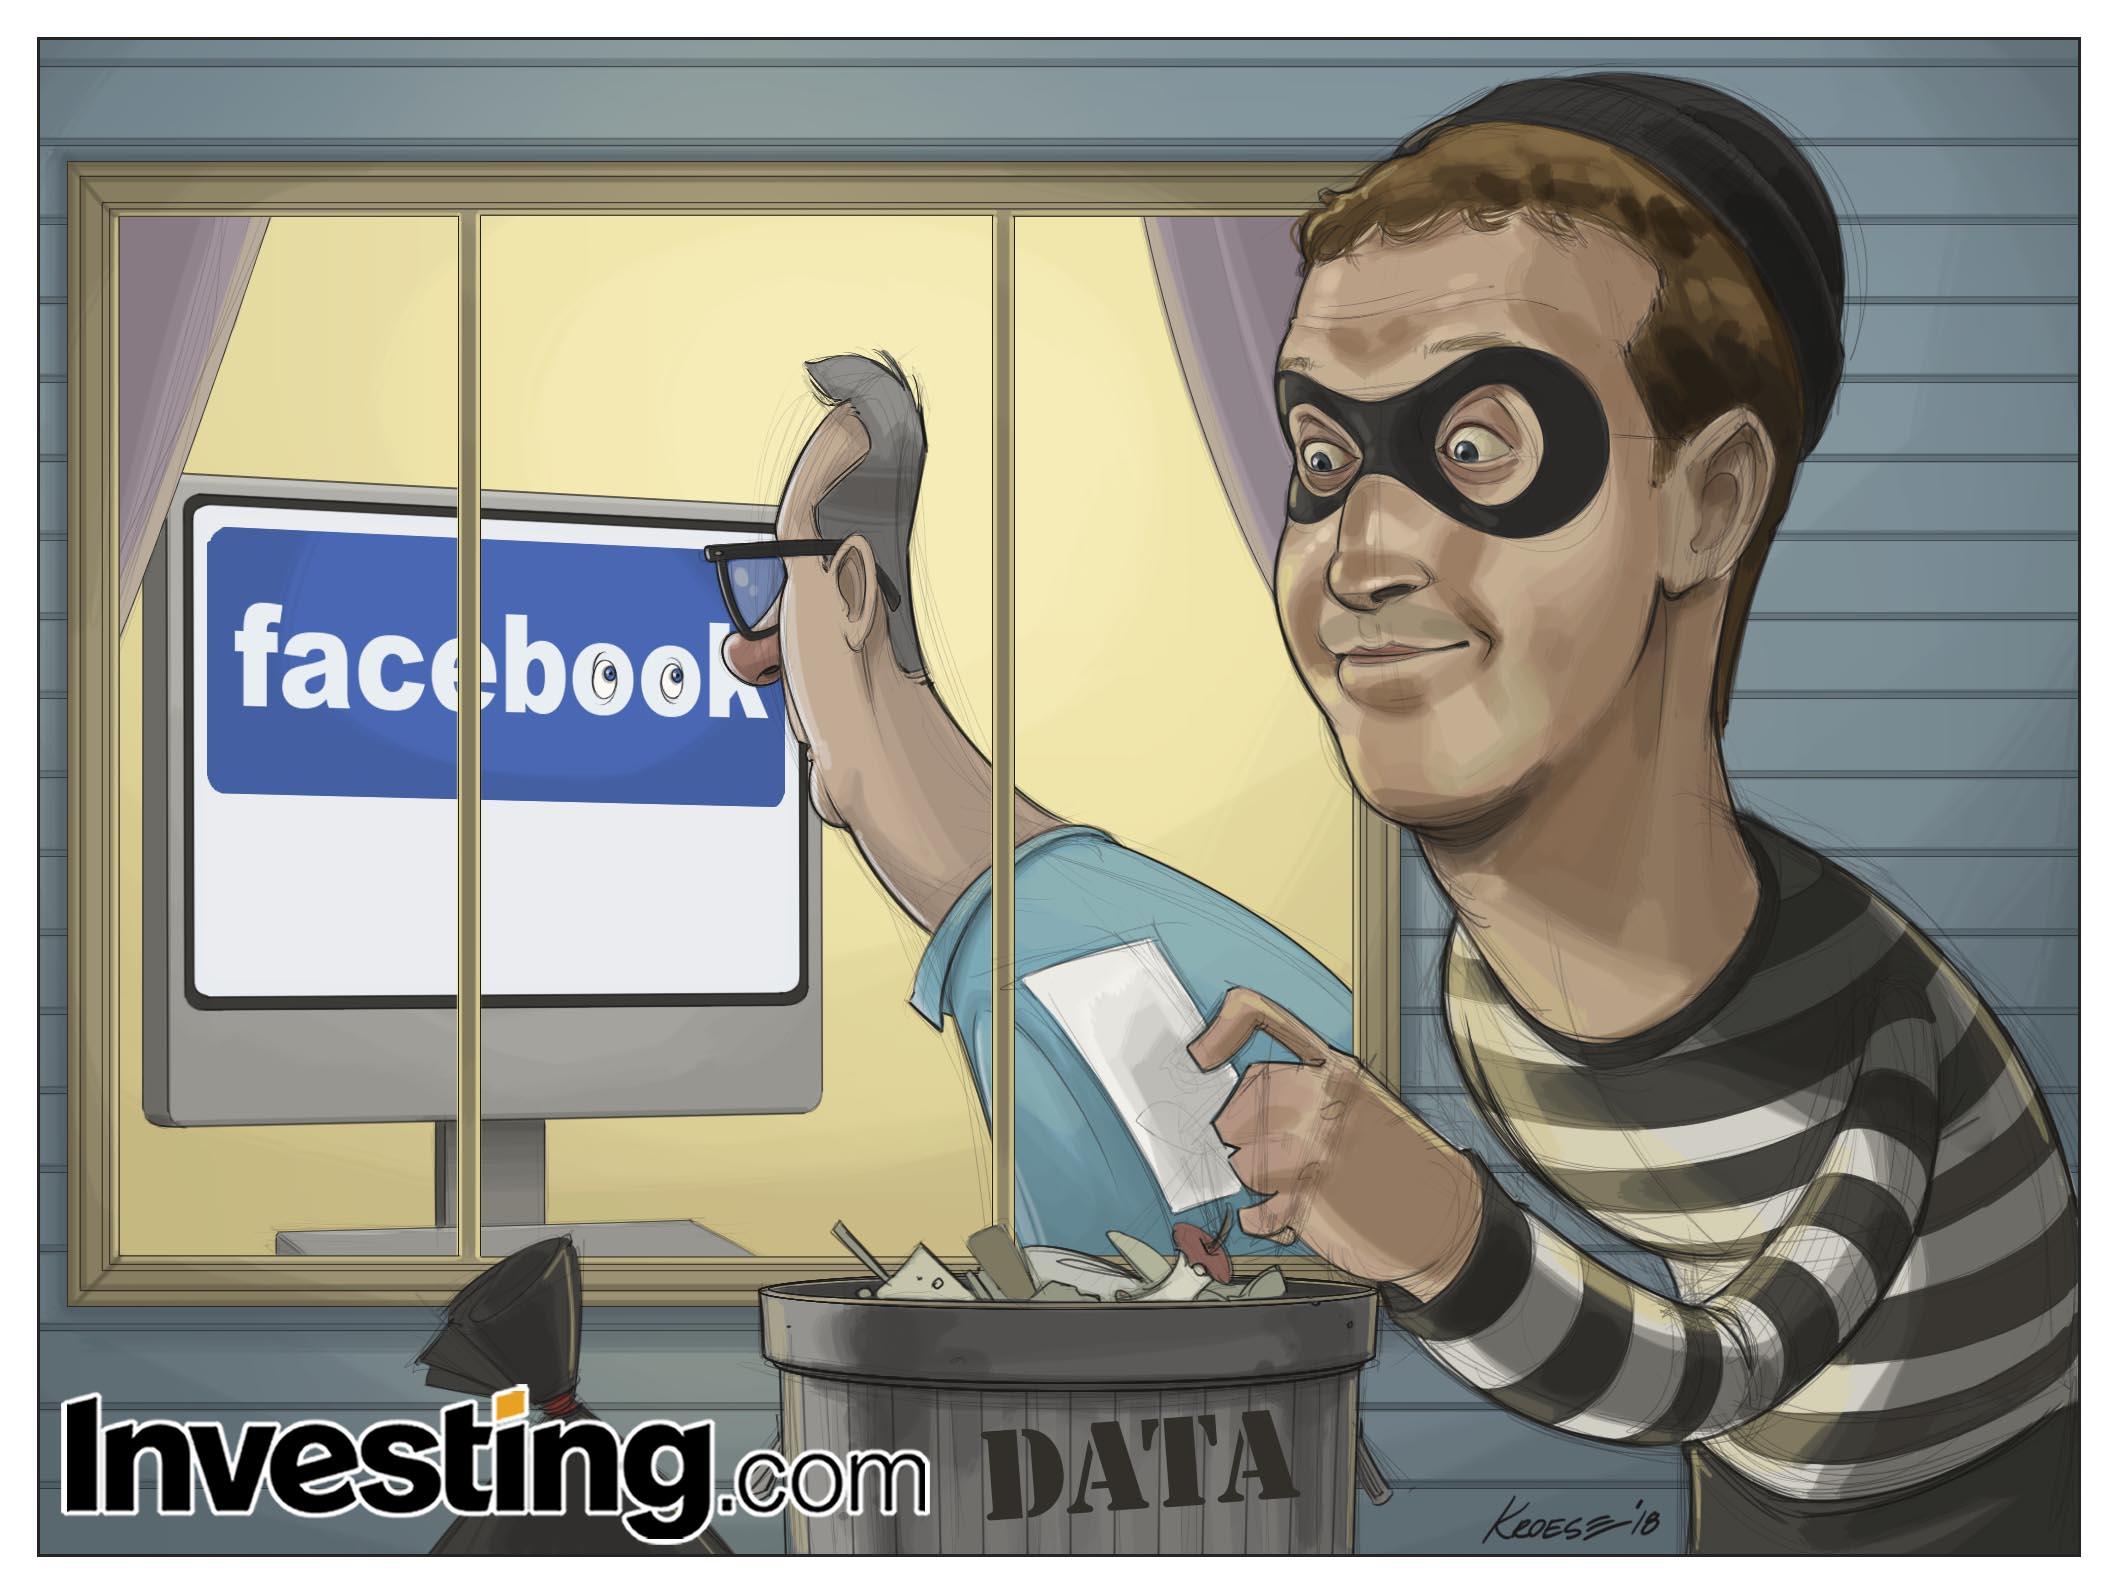 من ممن لديه عقل قد يستخدم عملة فيسبوك الجديدة ليبرا؟